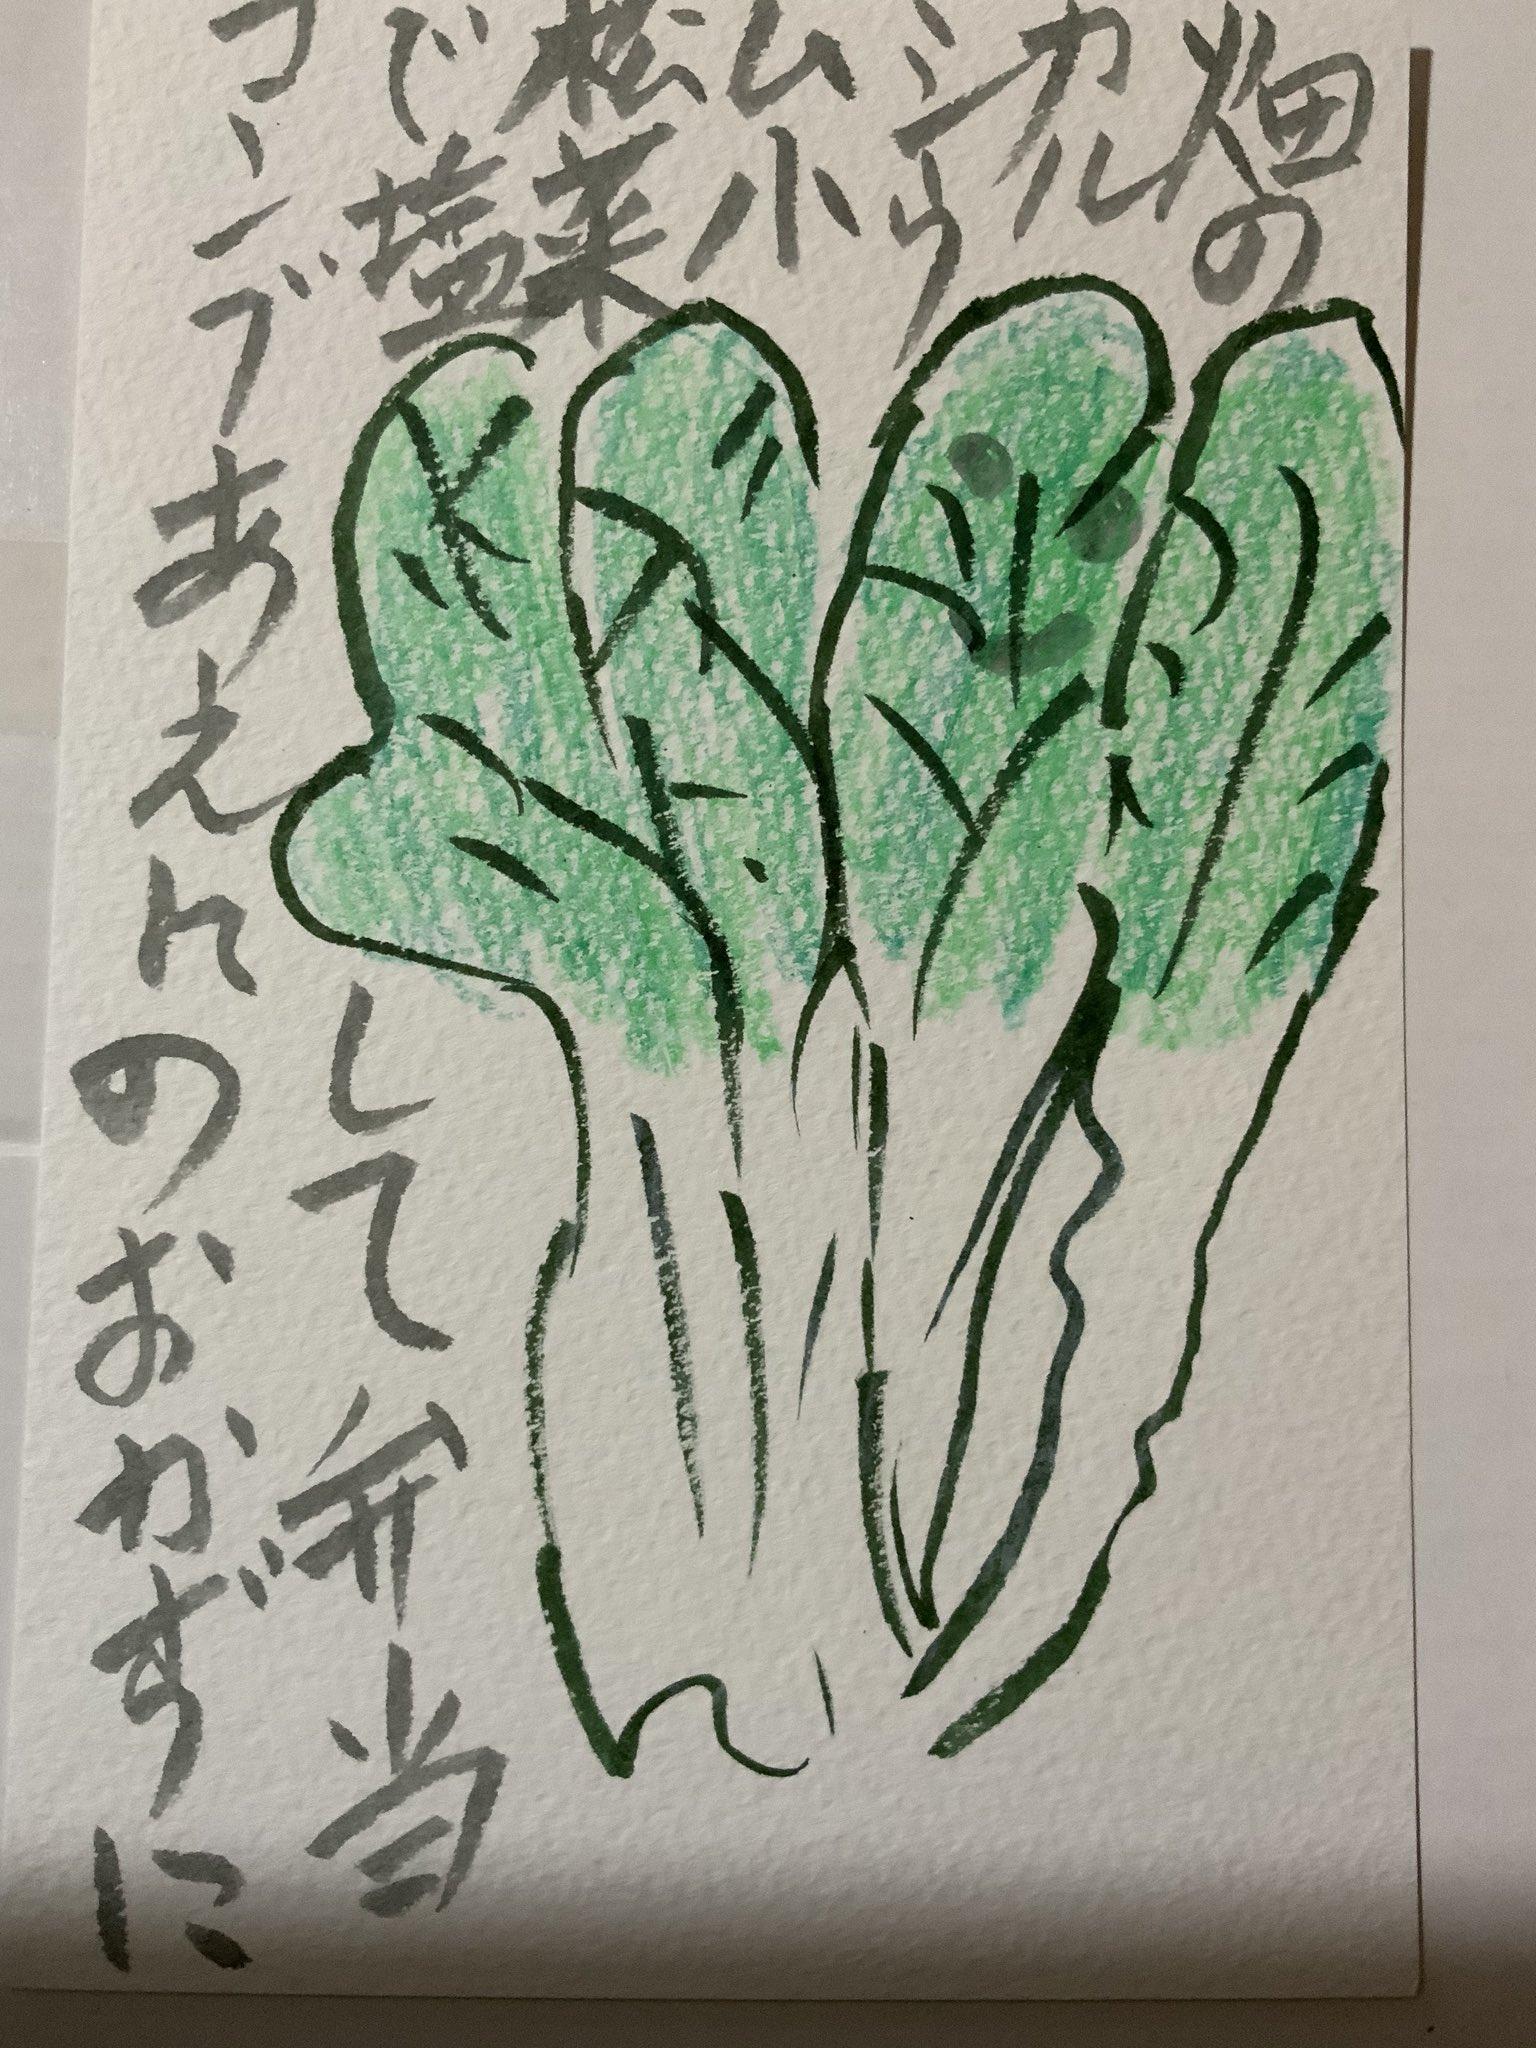 カルシウム小松菜で塩昆布和えにしてお弁当おかずに 明日のお弁当おかずに